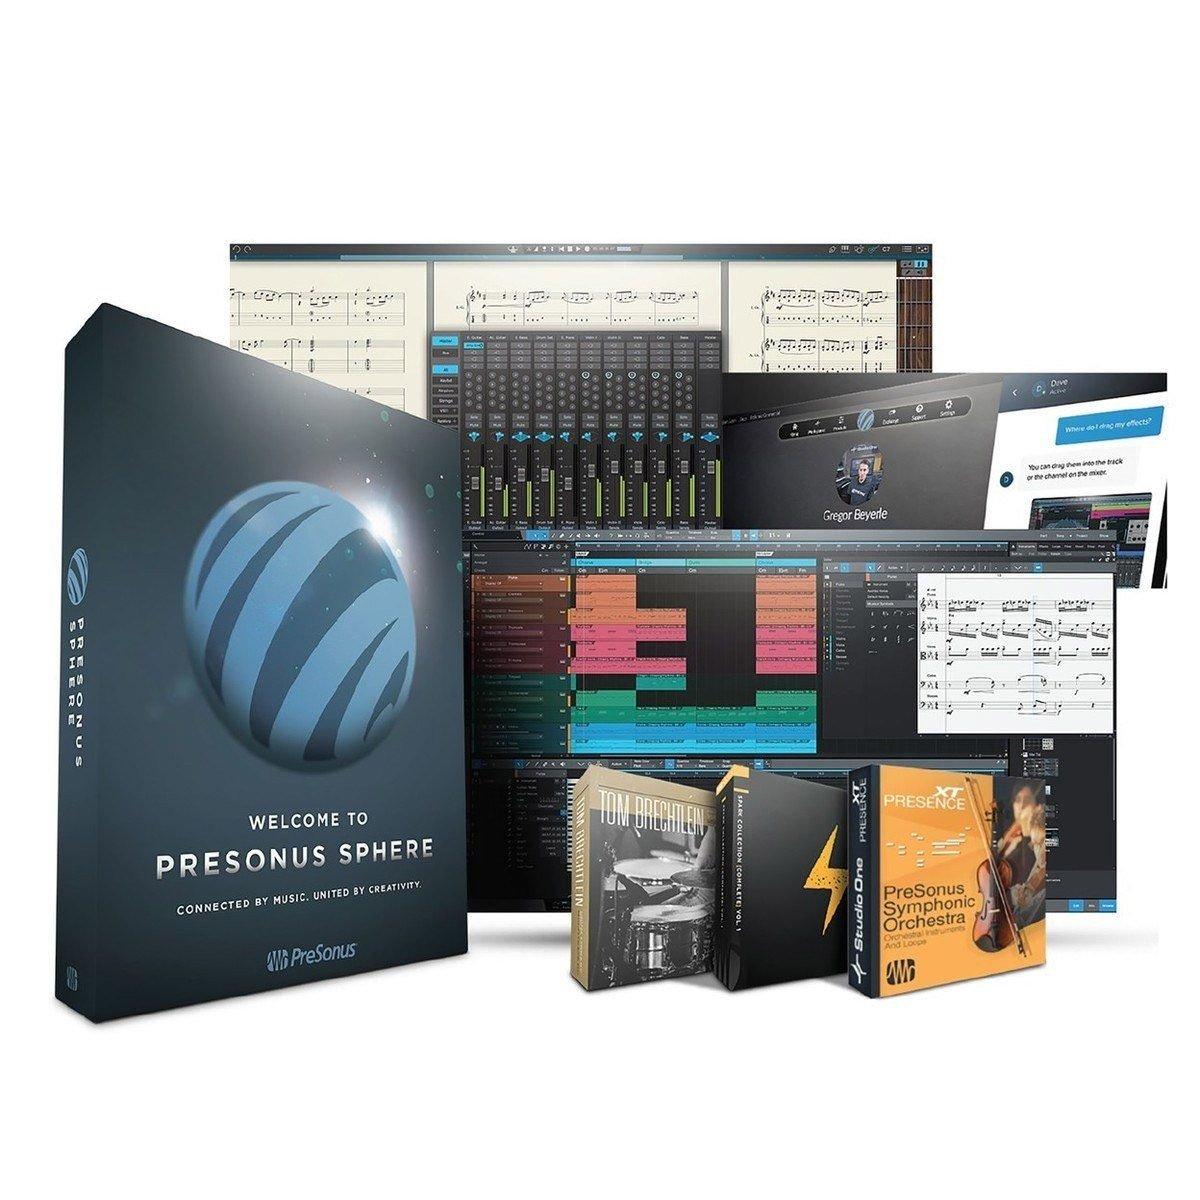 PreSonus Sphere en M1 hardware drivers